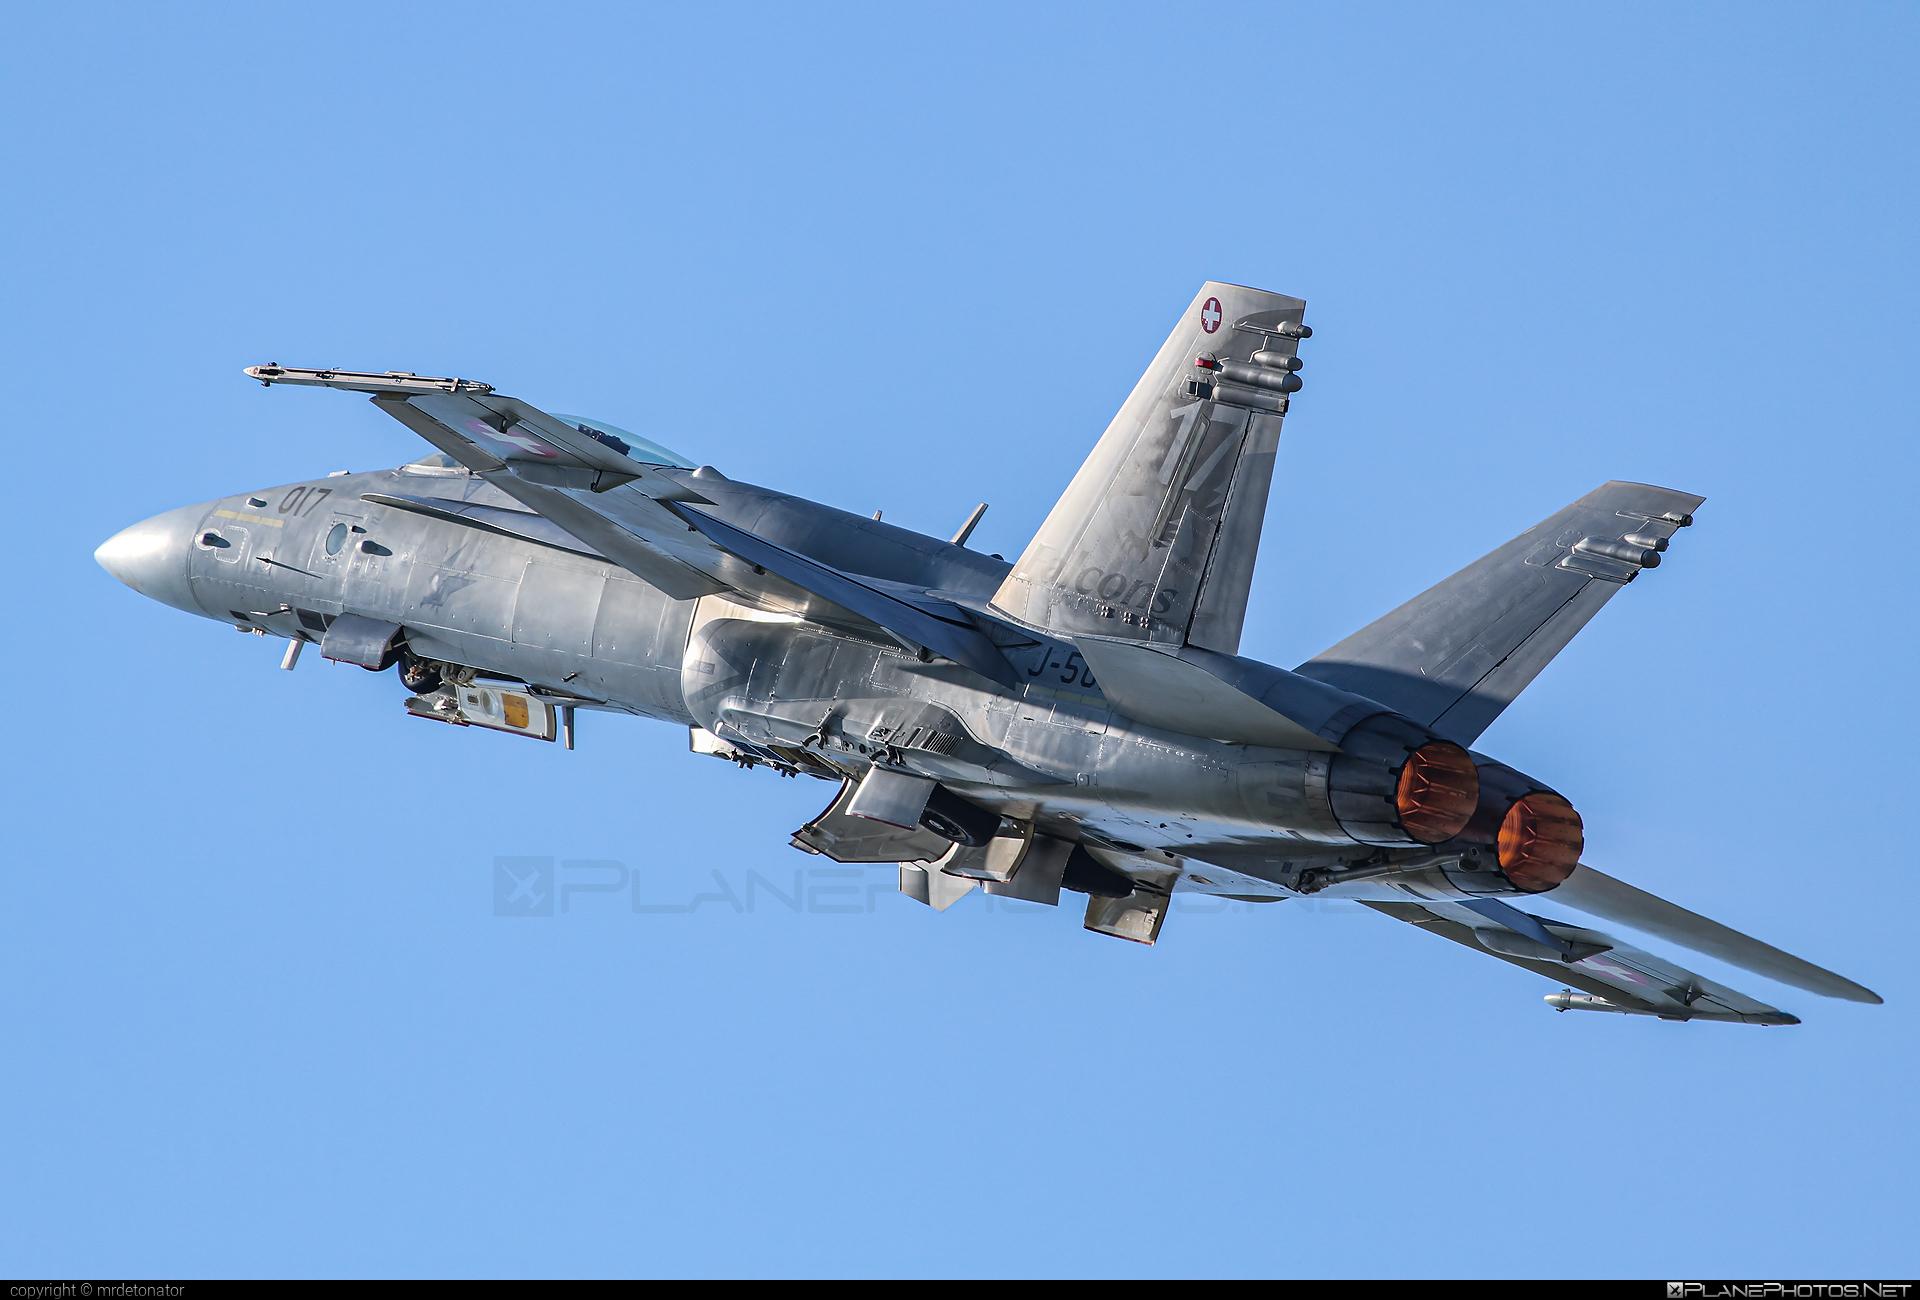 McDonnell Douglas F/A-18C Hornet - J-5017 operated by Schweizer Luftwaffe (Swiss Air Force) #f18 #f18hornet #fa18 #fa18c #fa18hornet #mcdonnelldouglas #schweizerluftwaffe #swissairforce